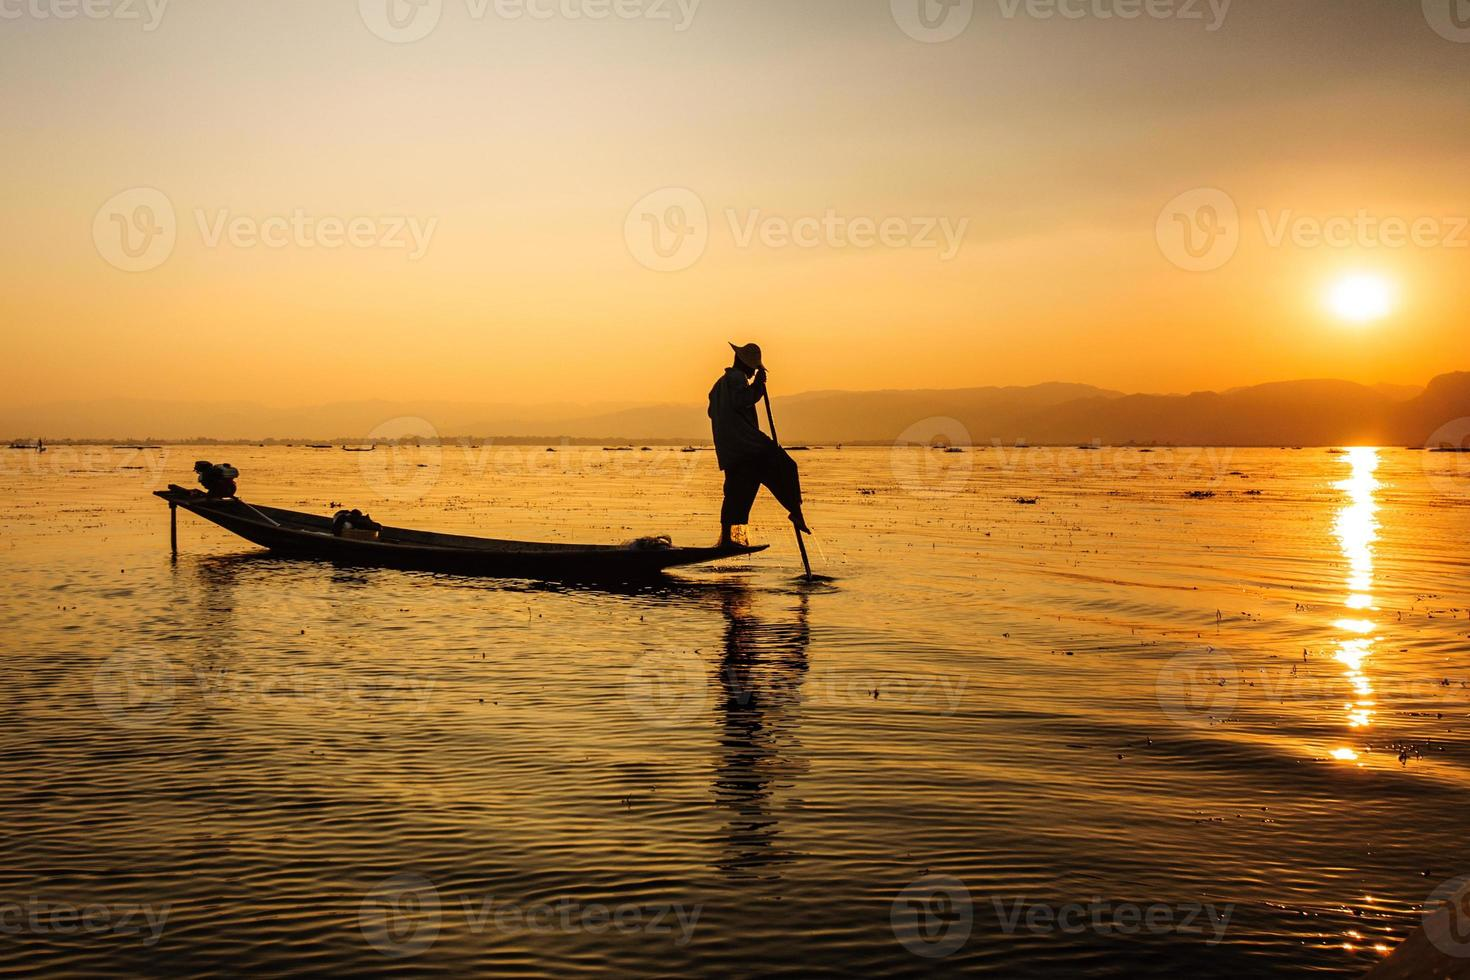 pescador local foto